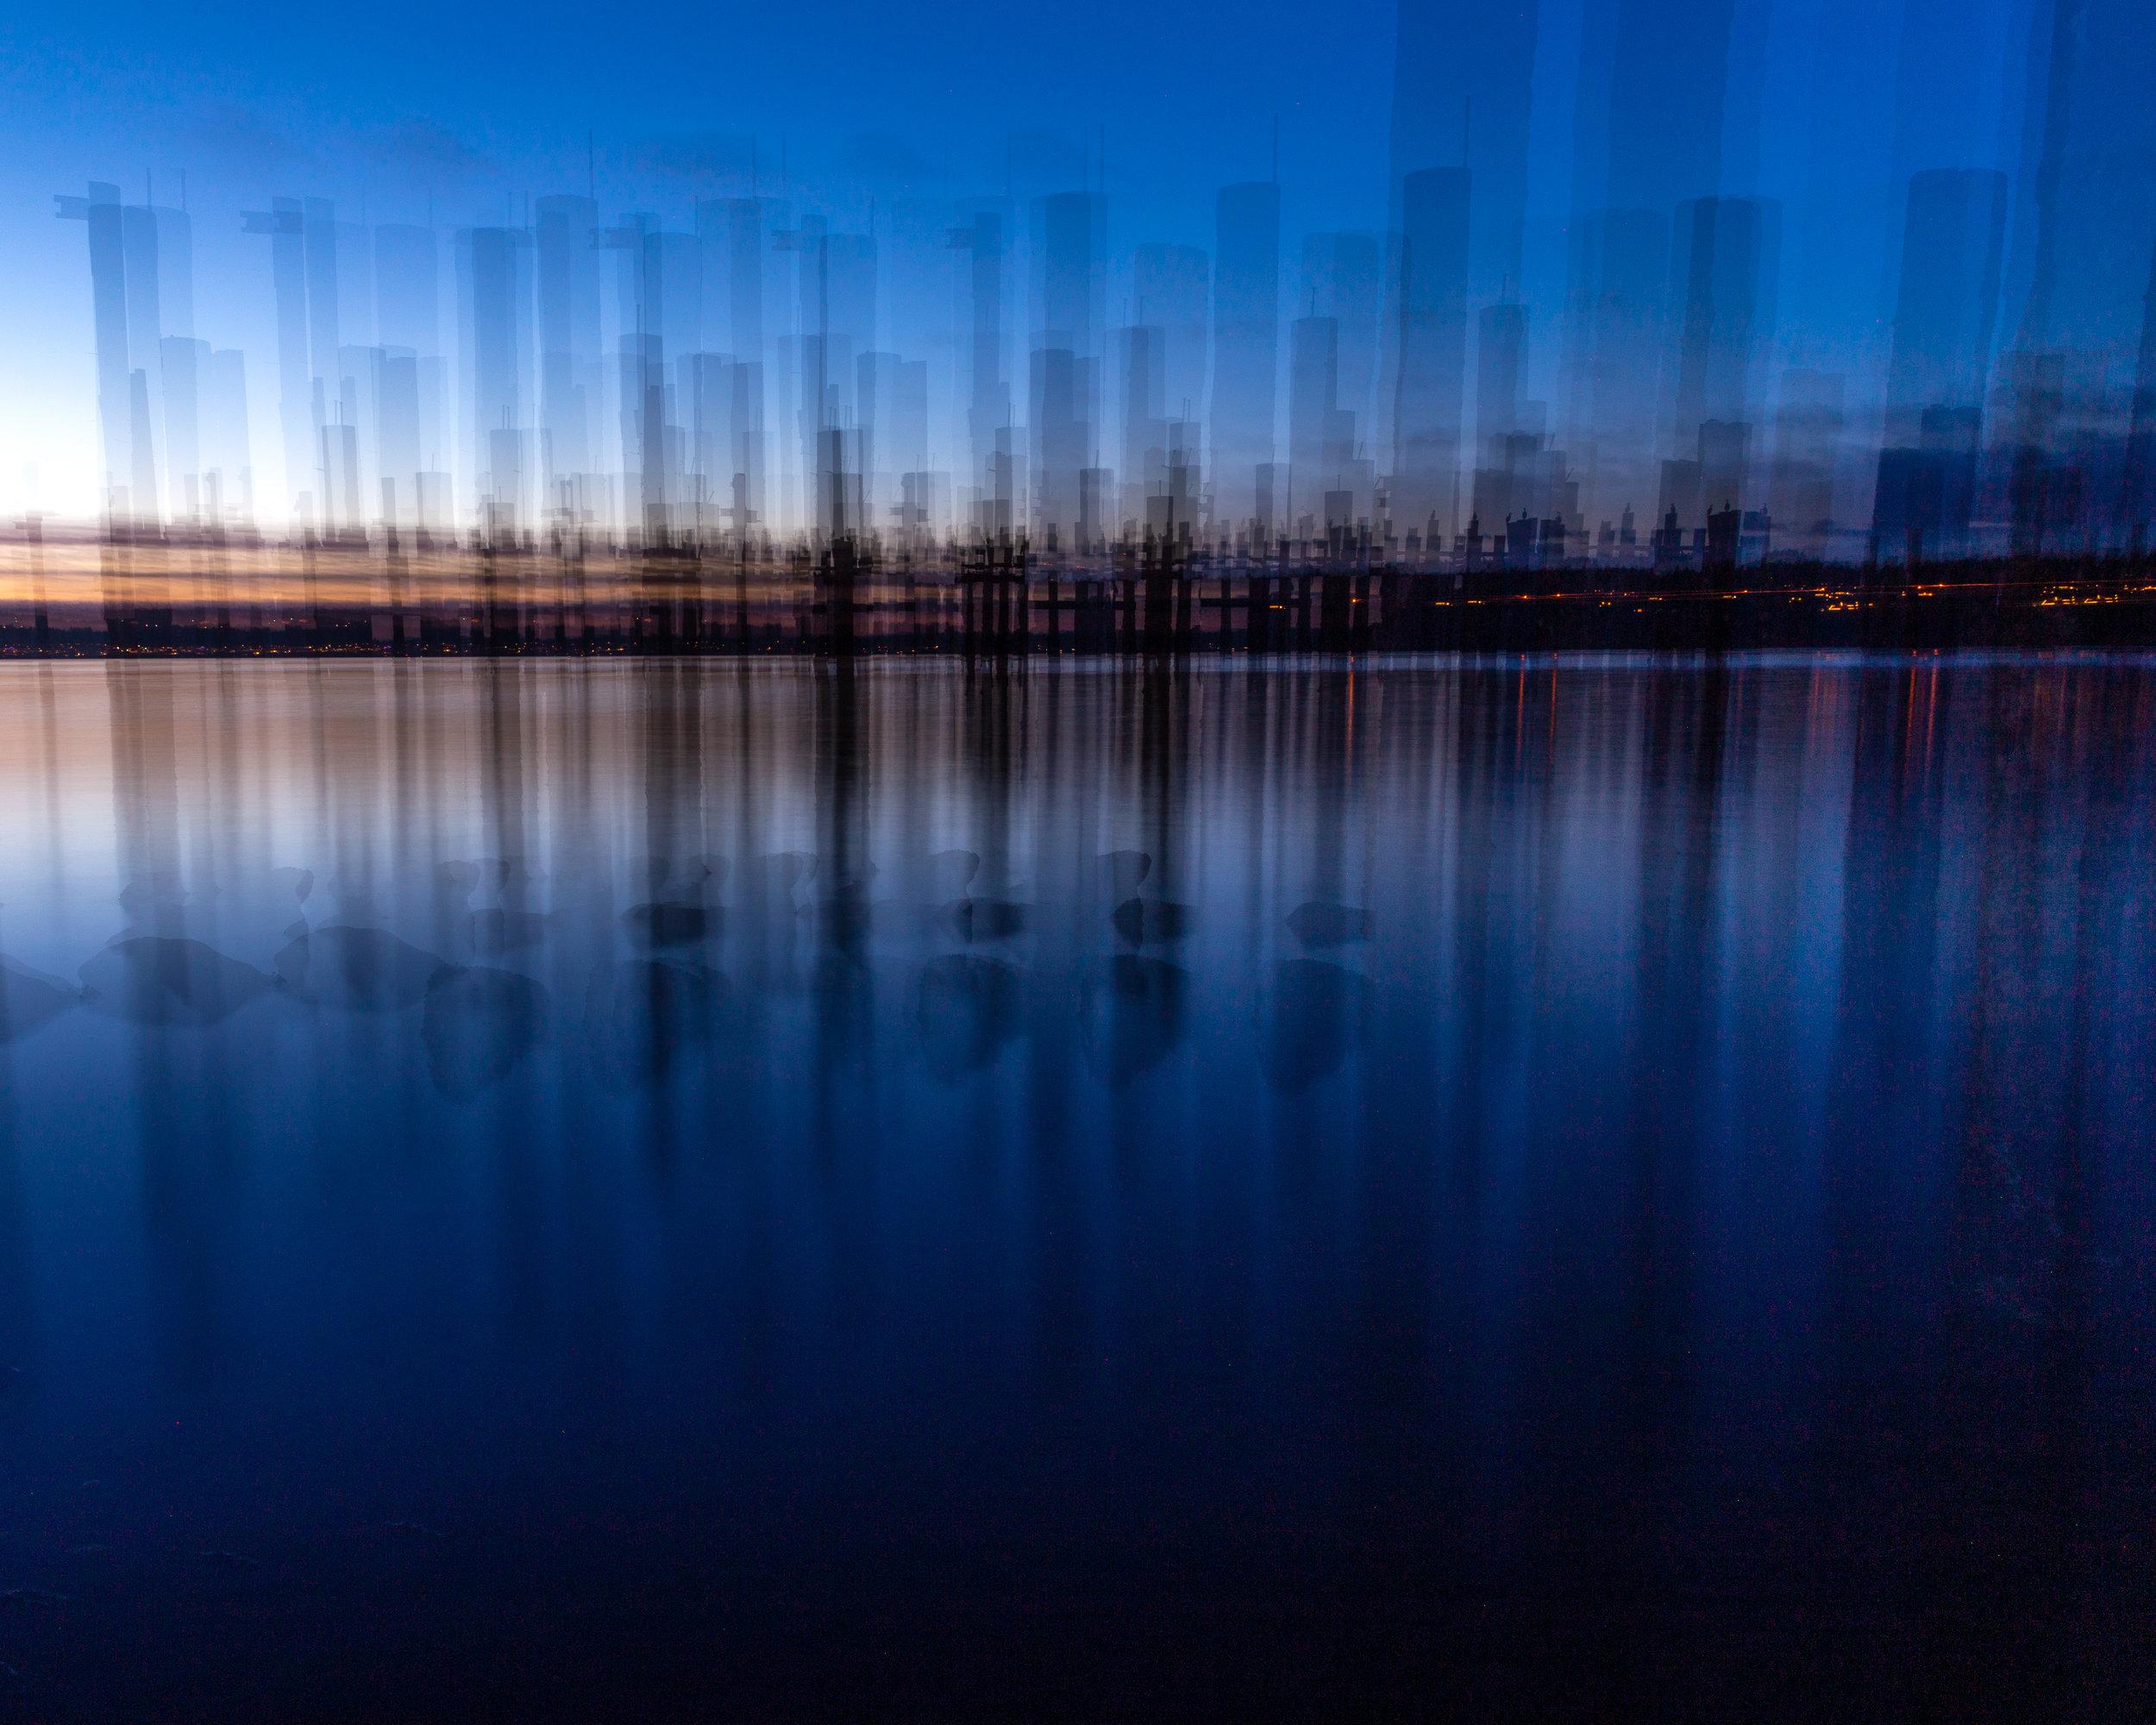 5 Last photos of 2018 titlow park long exposure motion blur 30 Dec 2018.jpg